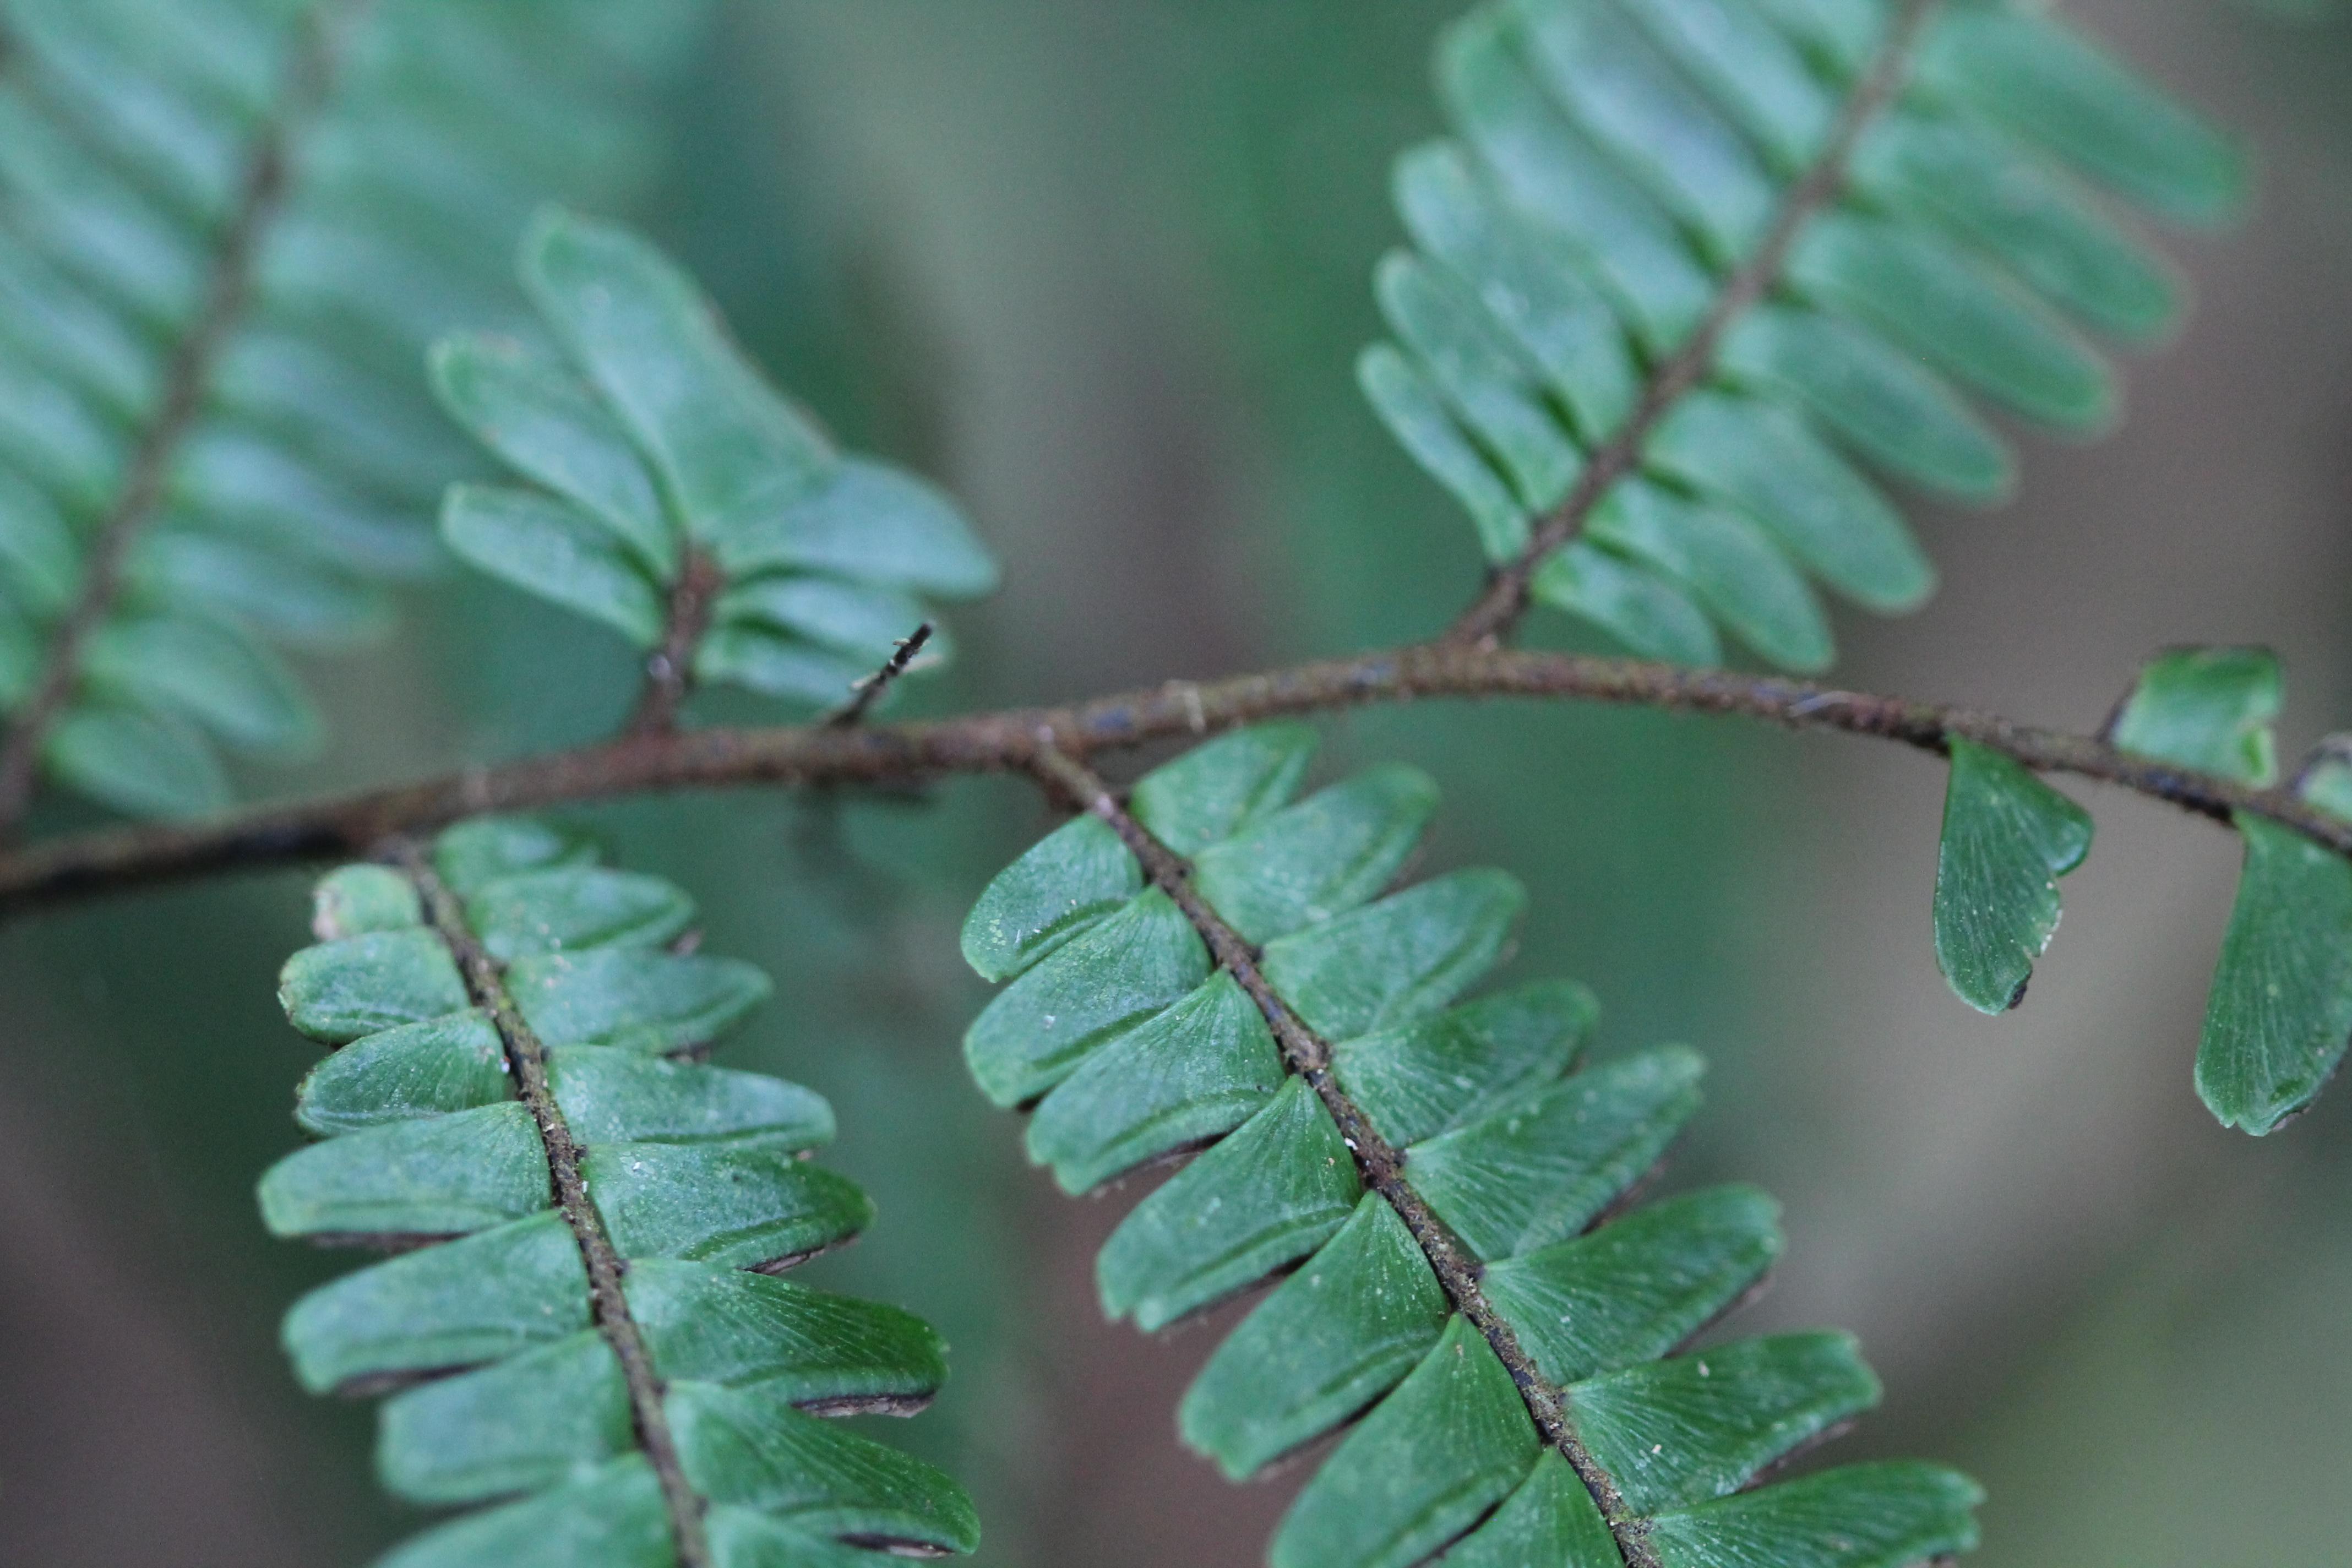 Adiantum pulverulentum